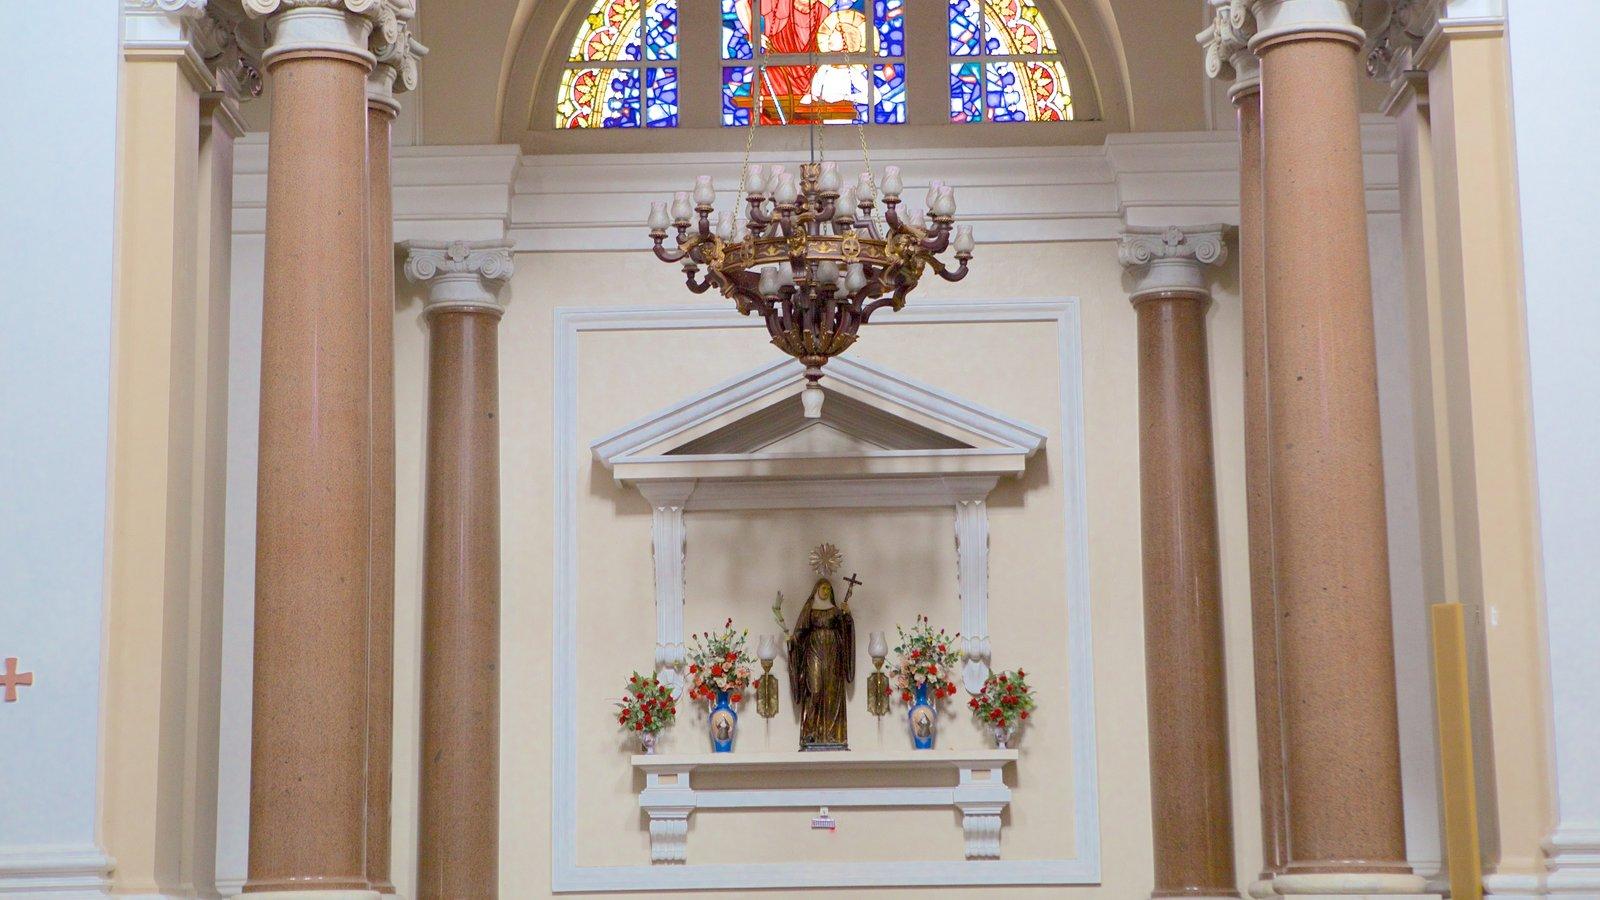 Catedral Metropolitana mostrando aspectos religiosos, uma igreja ou catedral e vistas internas